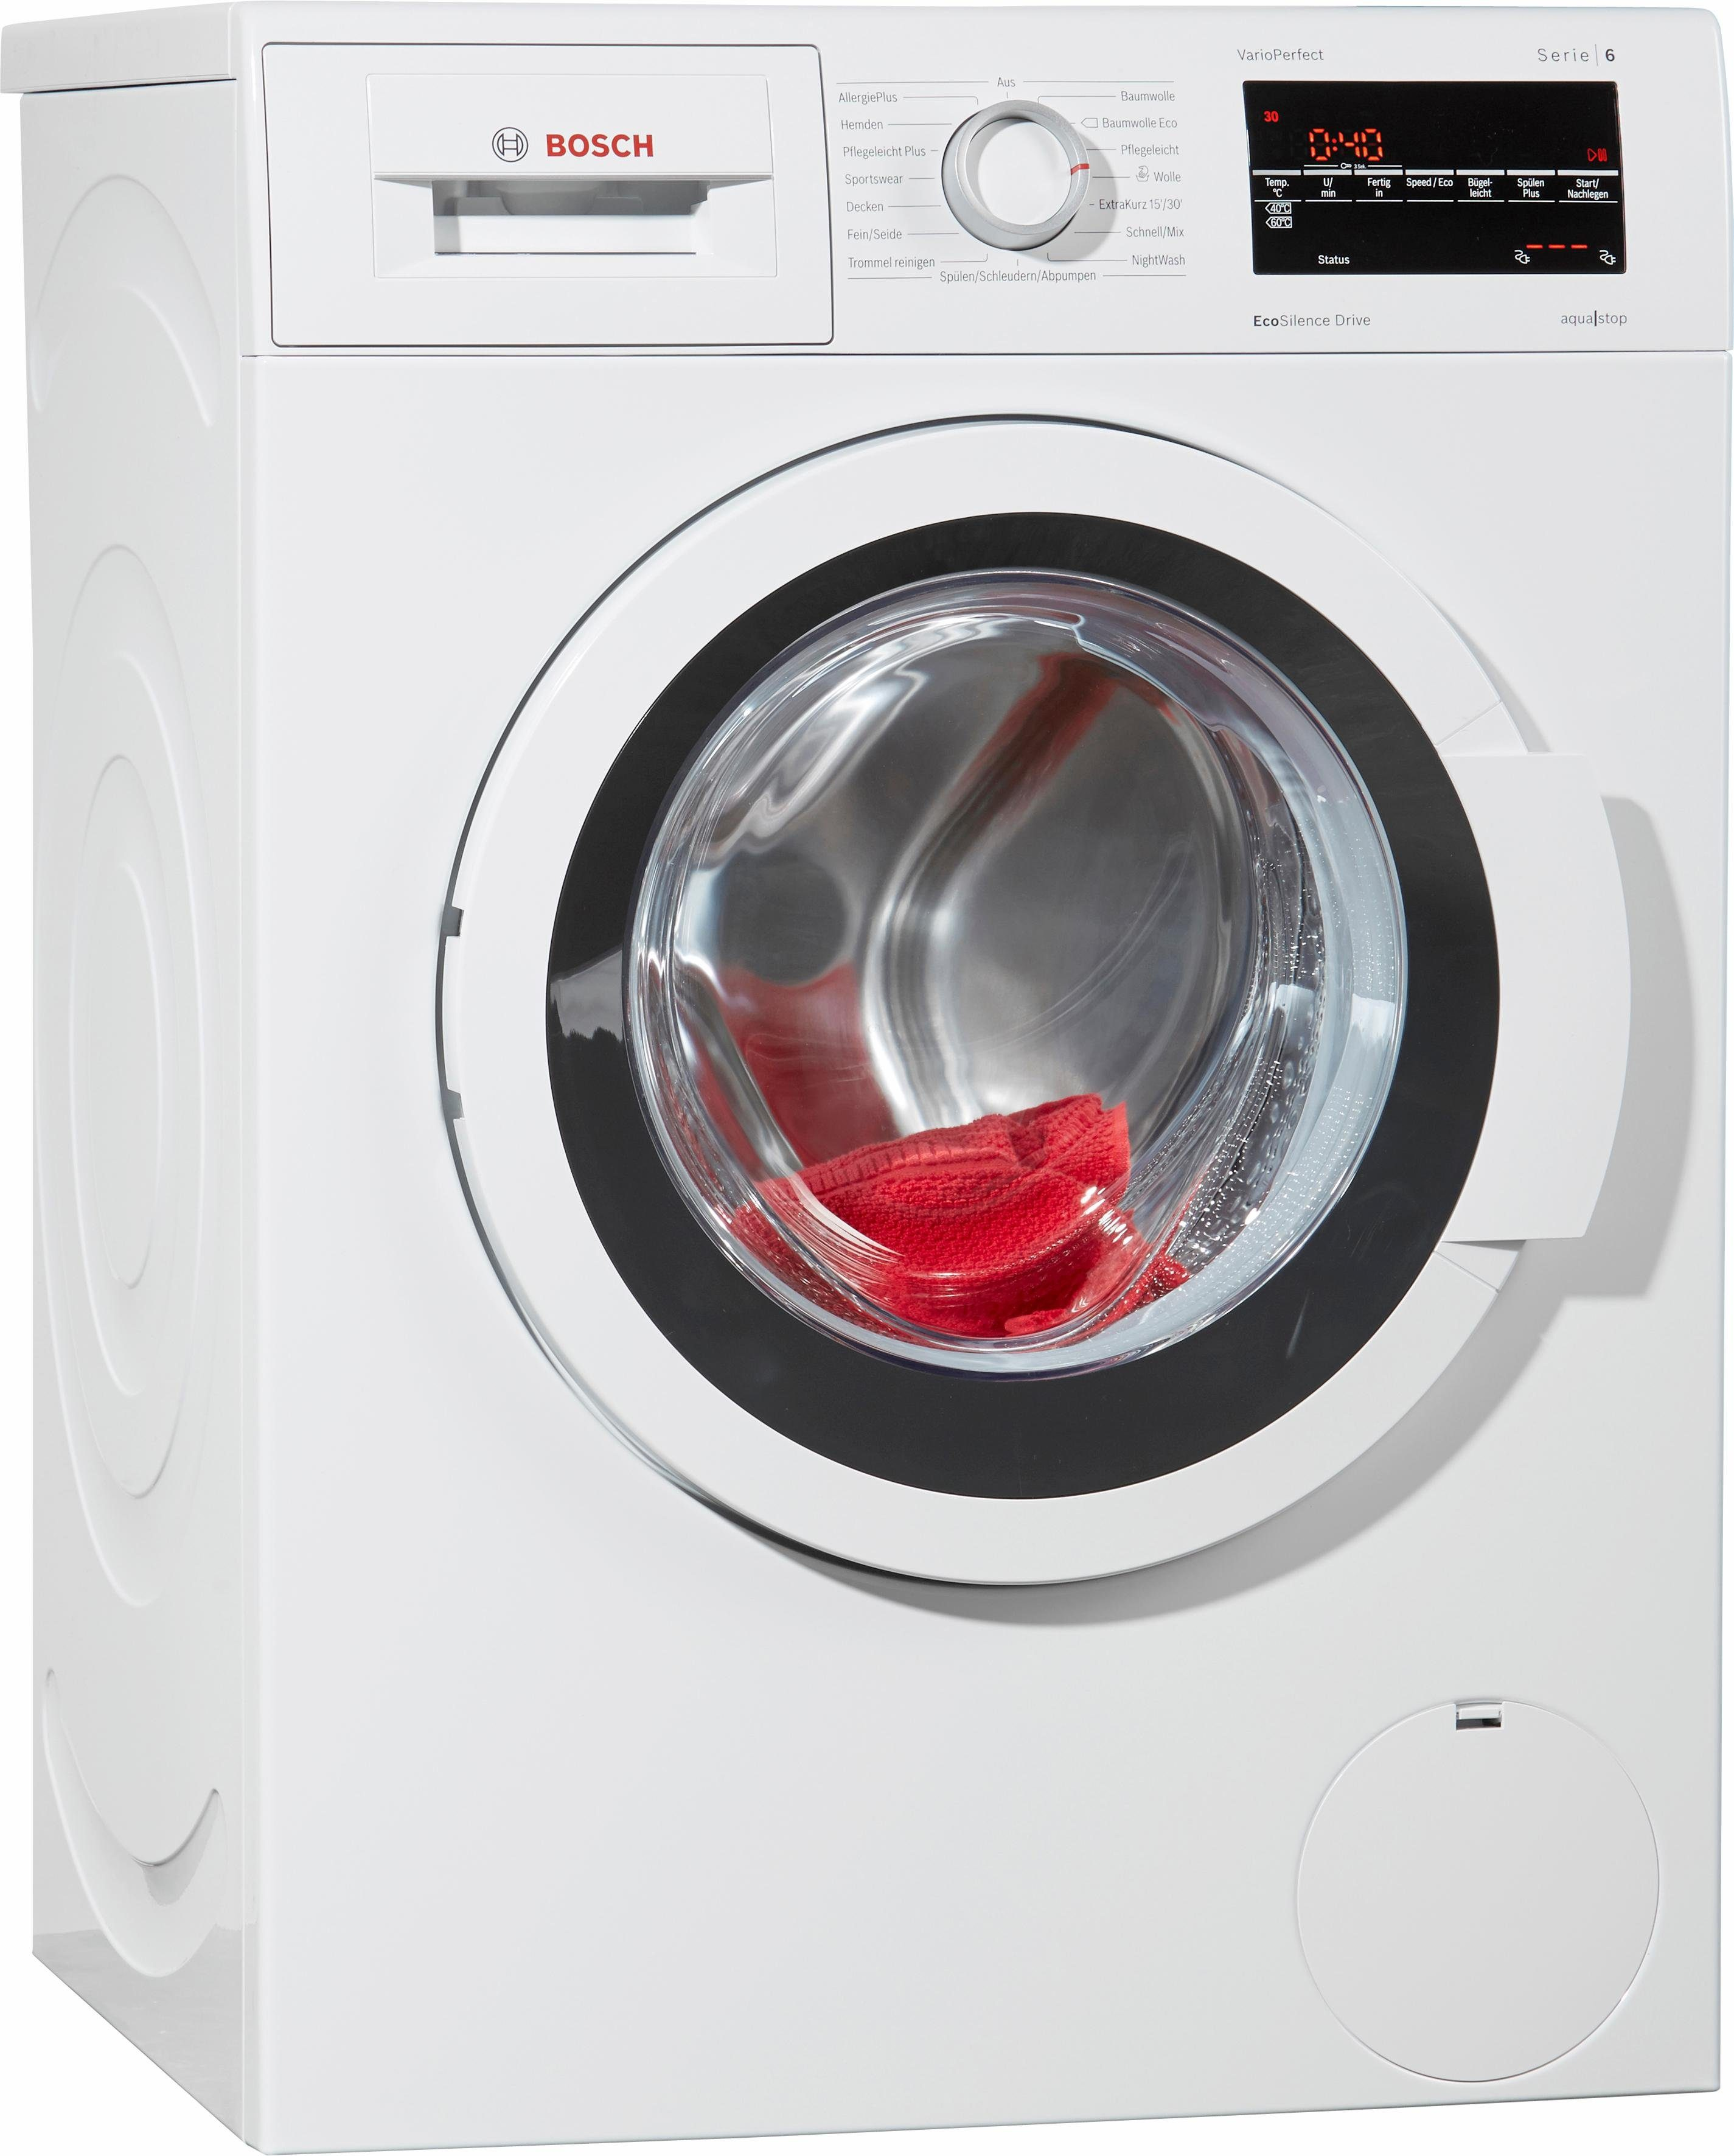 BOSCH Waschmaschine WAT284V0, A+++, 8 kg, 1400 U/Min